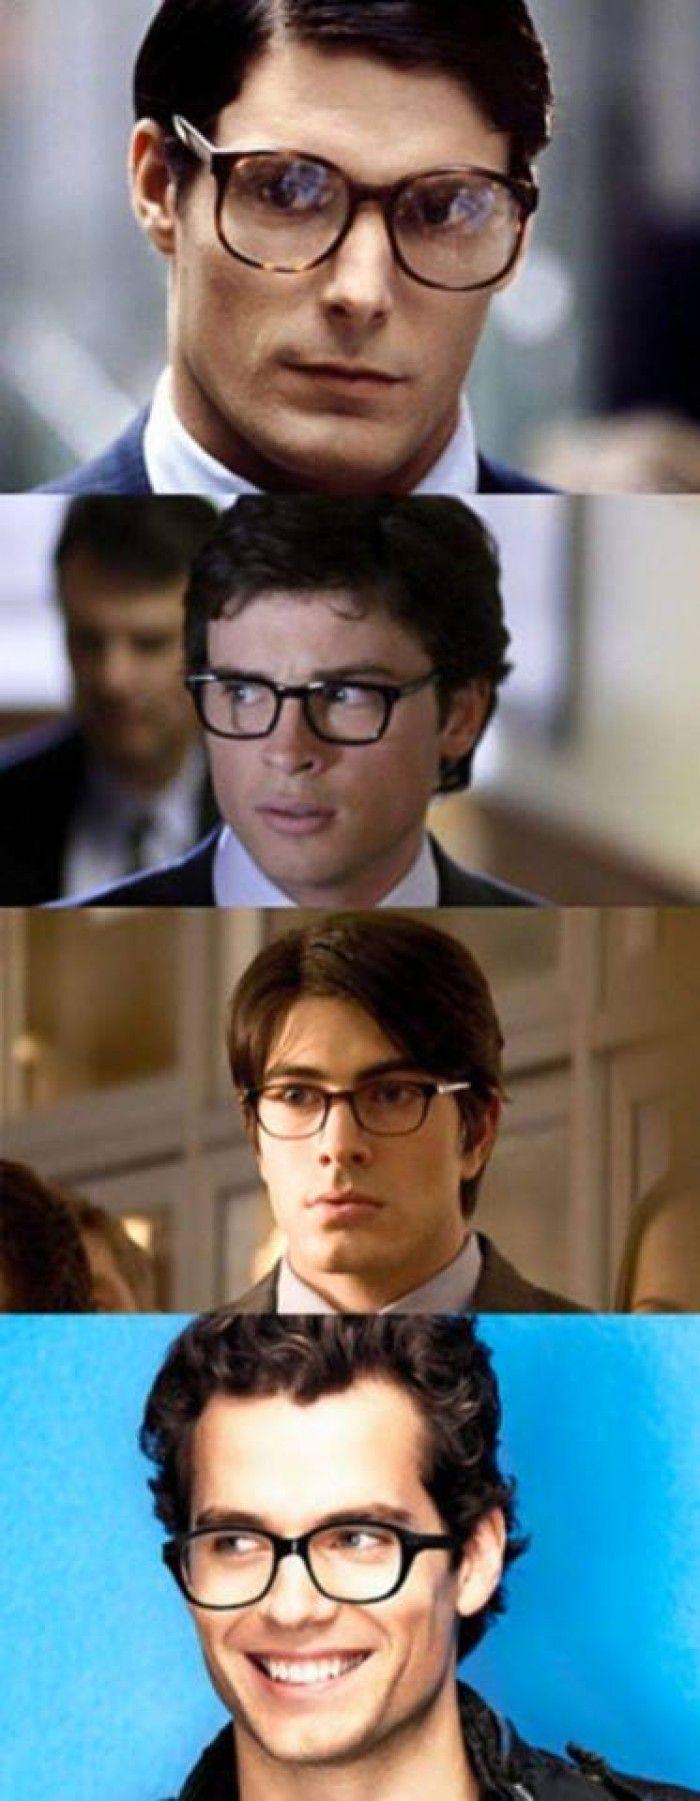 La evolucion de Superman